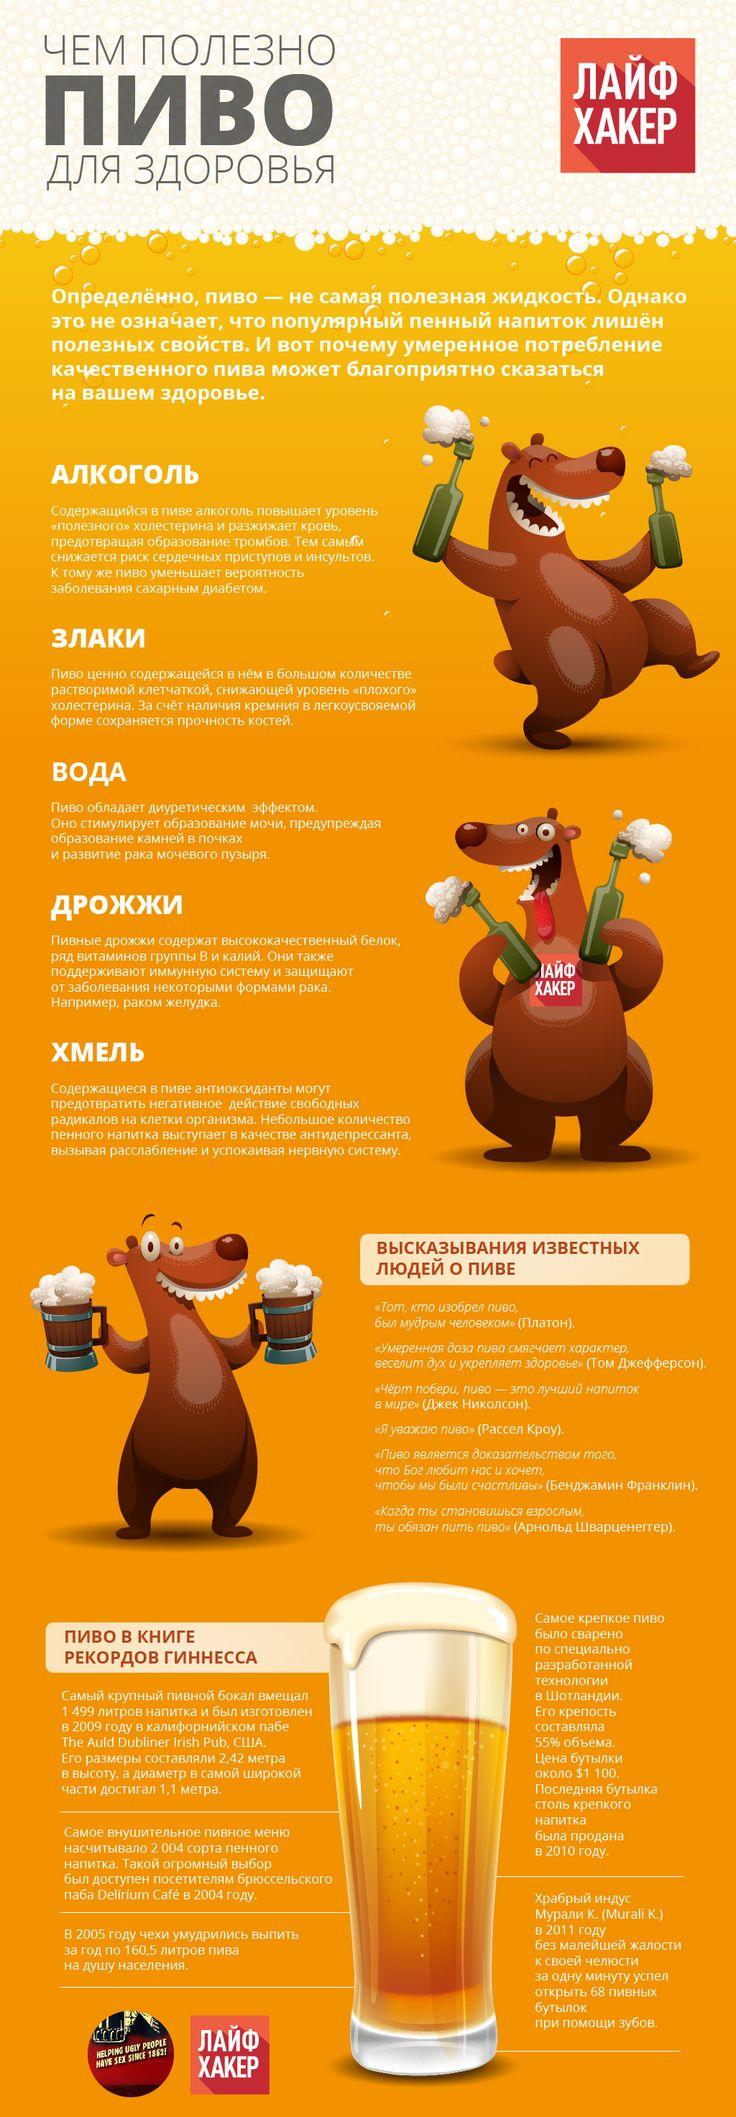 На протяжении своей длительной истории существования пиво считалось лечебным продуктом. А в наши дни модно нещадно критиковать любителей пригубить пивка. Зачастую по делу. Но винить в негативных последствиях пития пива стоит не сам напиток, а привычки людей. Ведь пиво вполне может быть полезным для вашего здоровья.